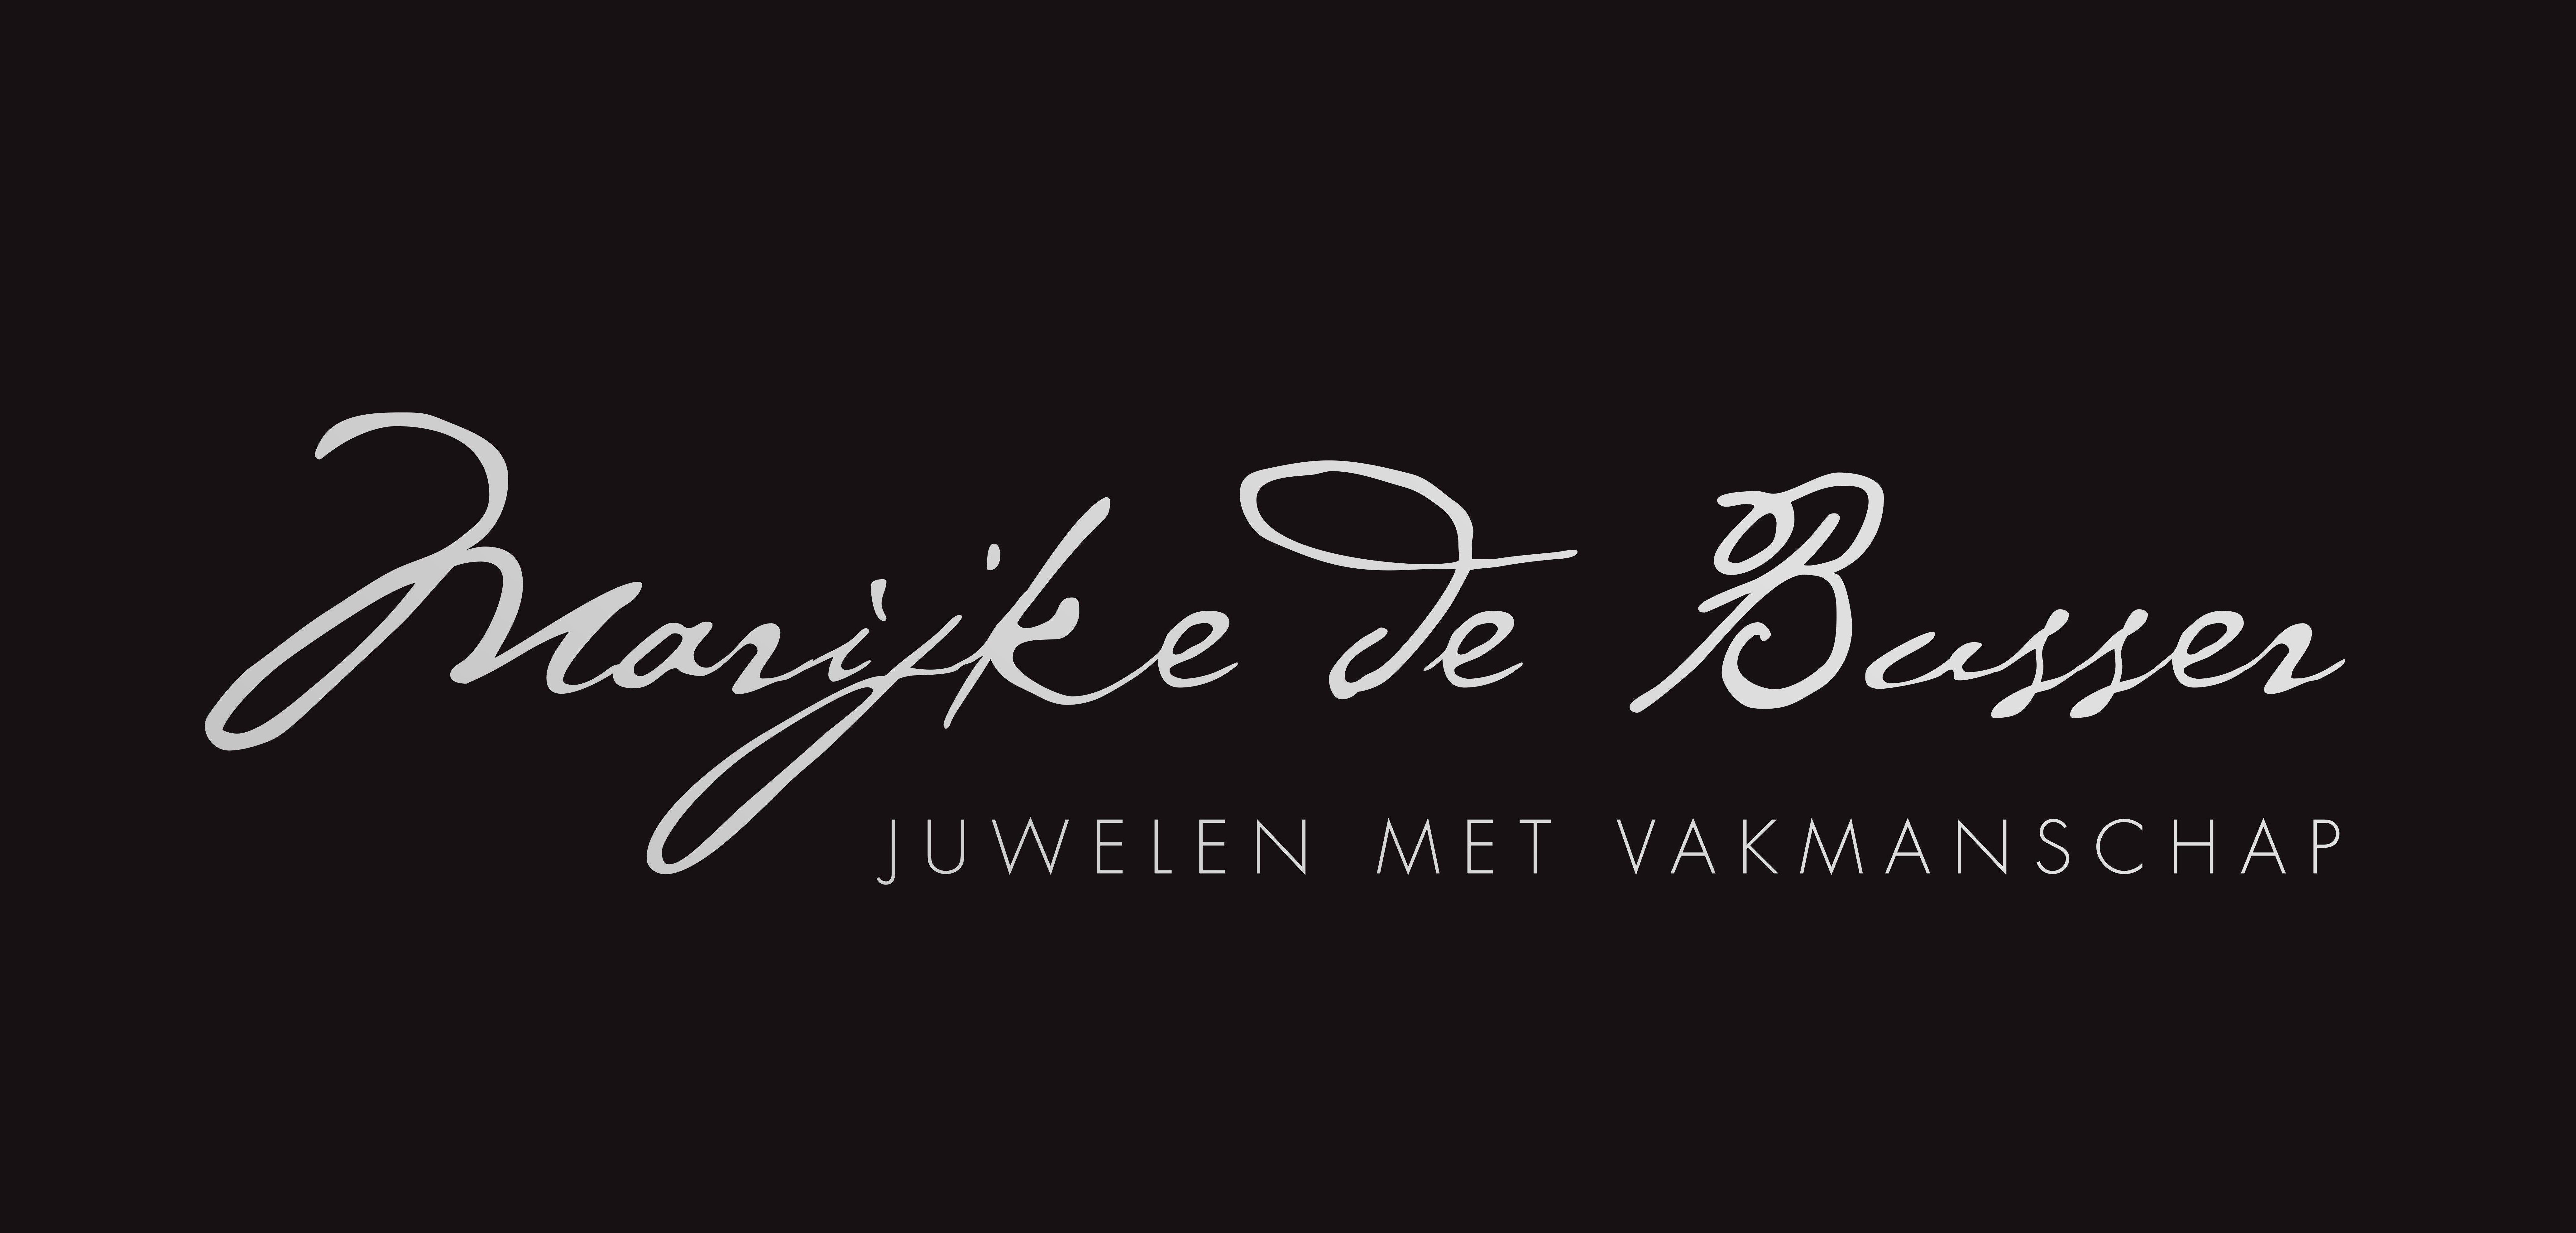 Juwelen Marijke De Busser